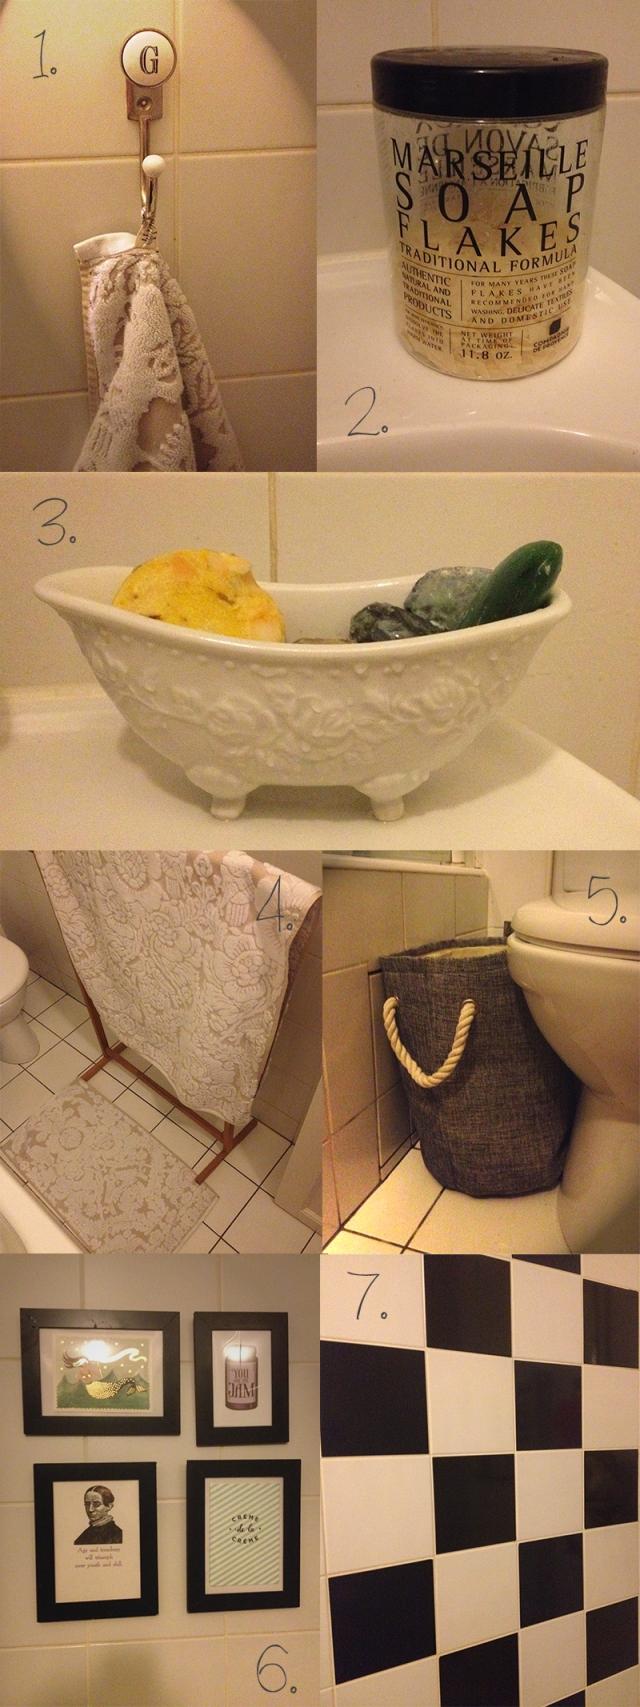 décorer sa salle de bain_astuces faciles_déco pas chère_relooker une petite salle de bain_bathroom makeover with simple tips_accessoires salle de bain déco